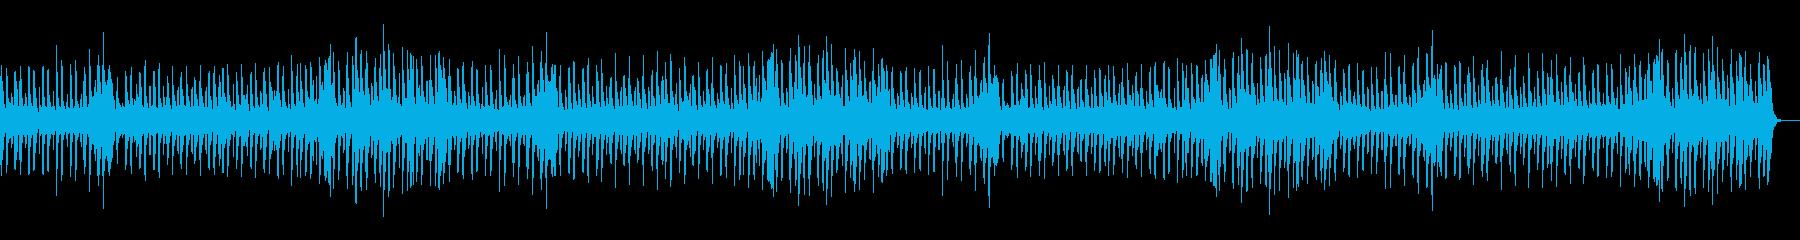 緊張感の走るピアノストリングスBGMの再生済みの波形